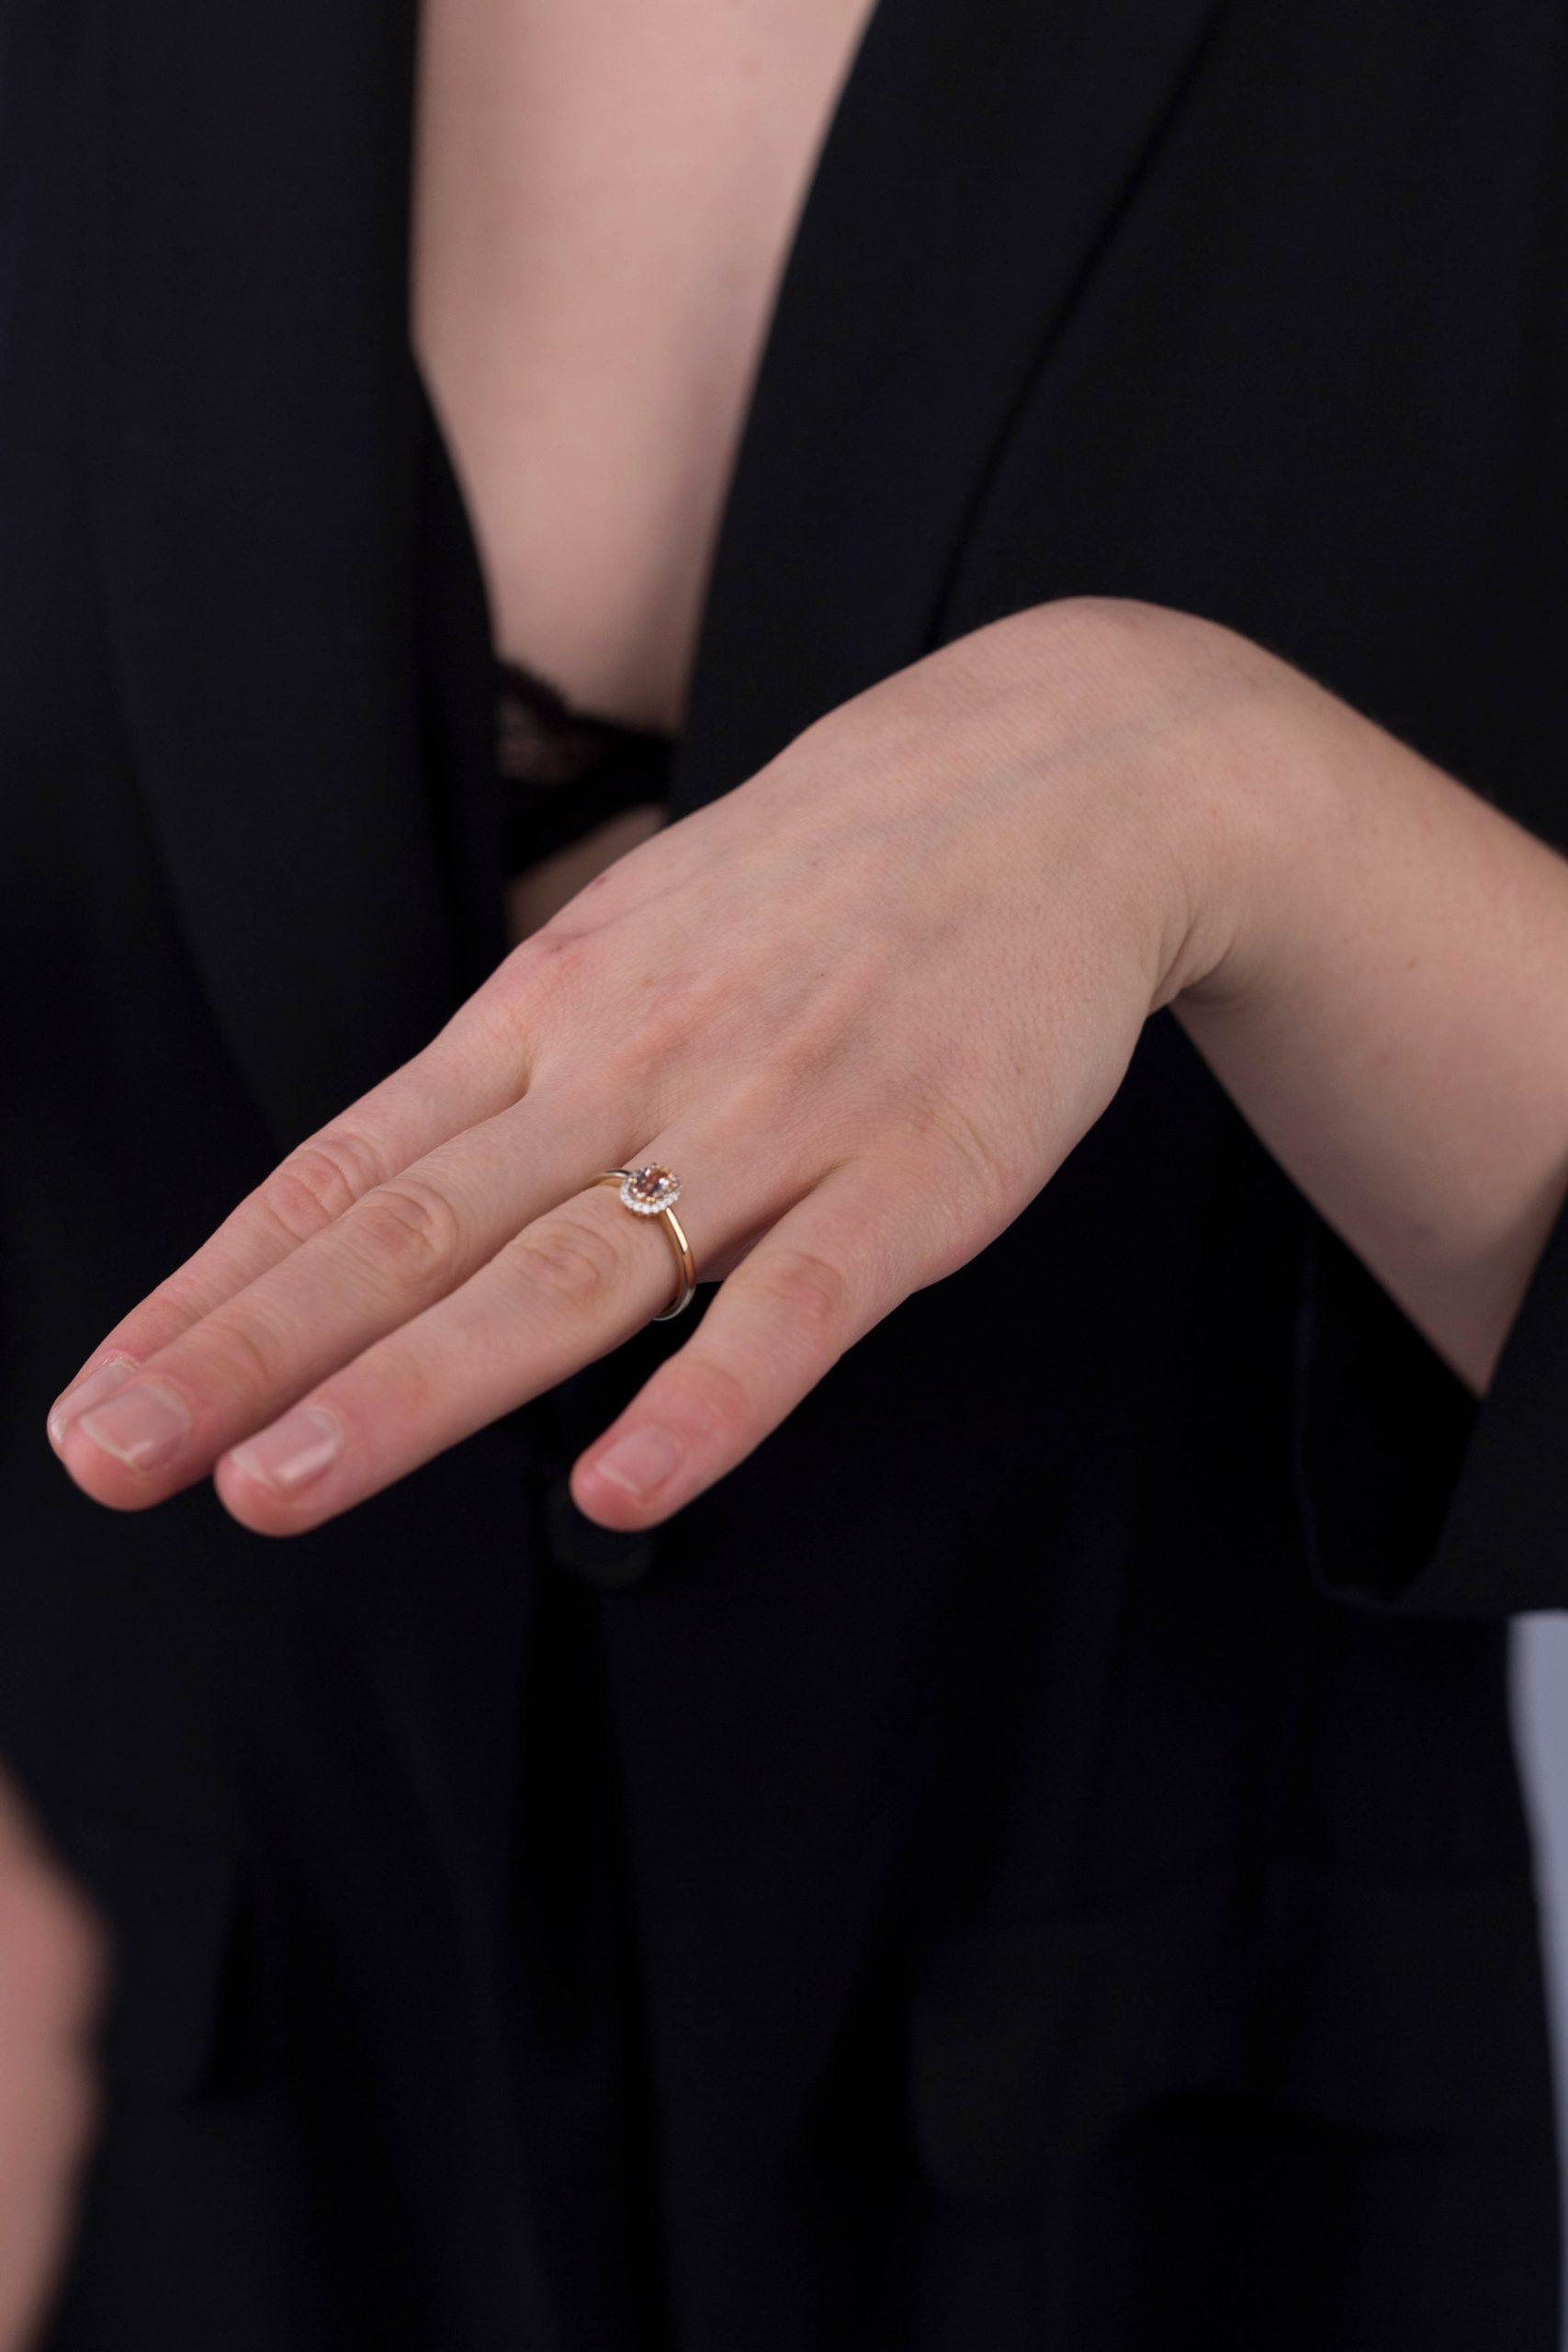 Modelka prezentuje na dłoni złoty pierścionek zaręczynowy z morganitem i diamentami. Obrana jest na czarno.